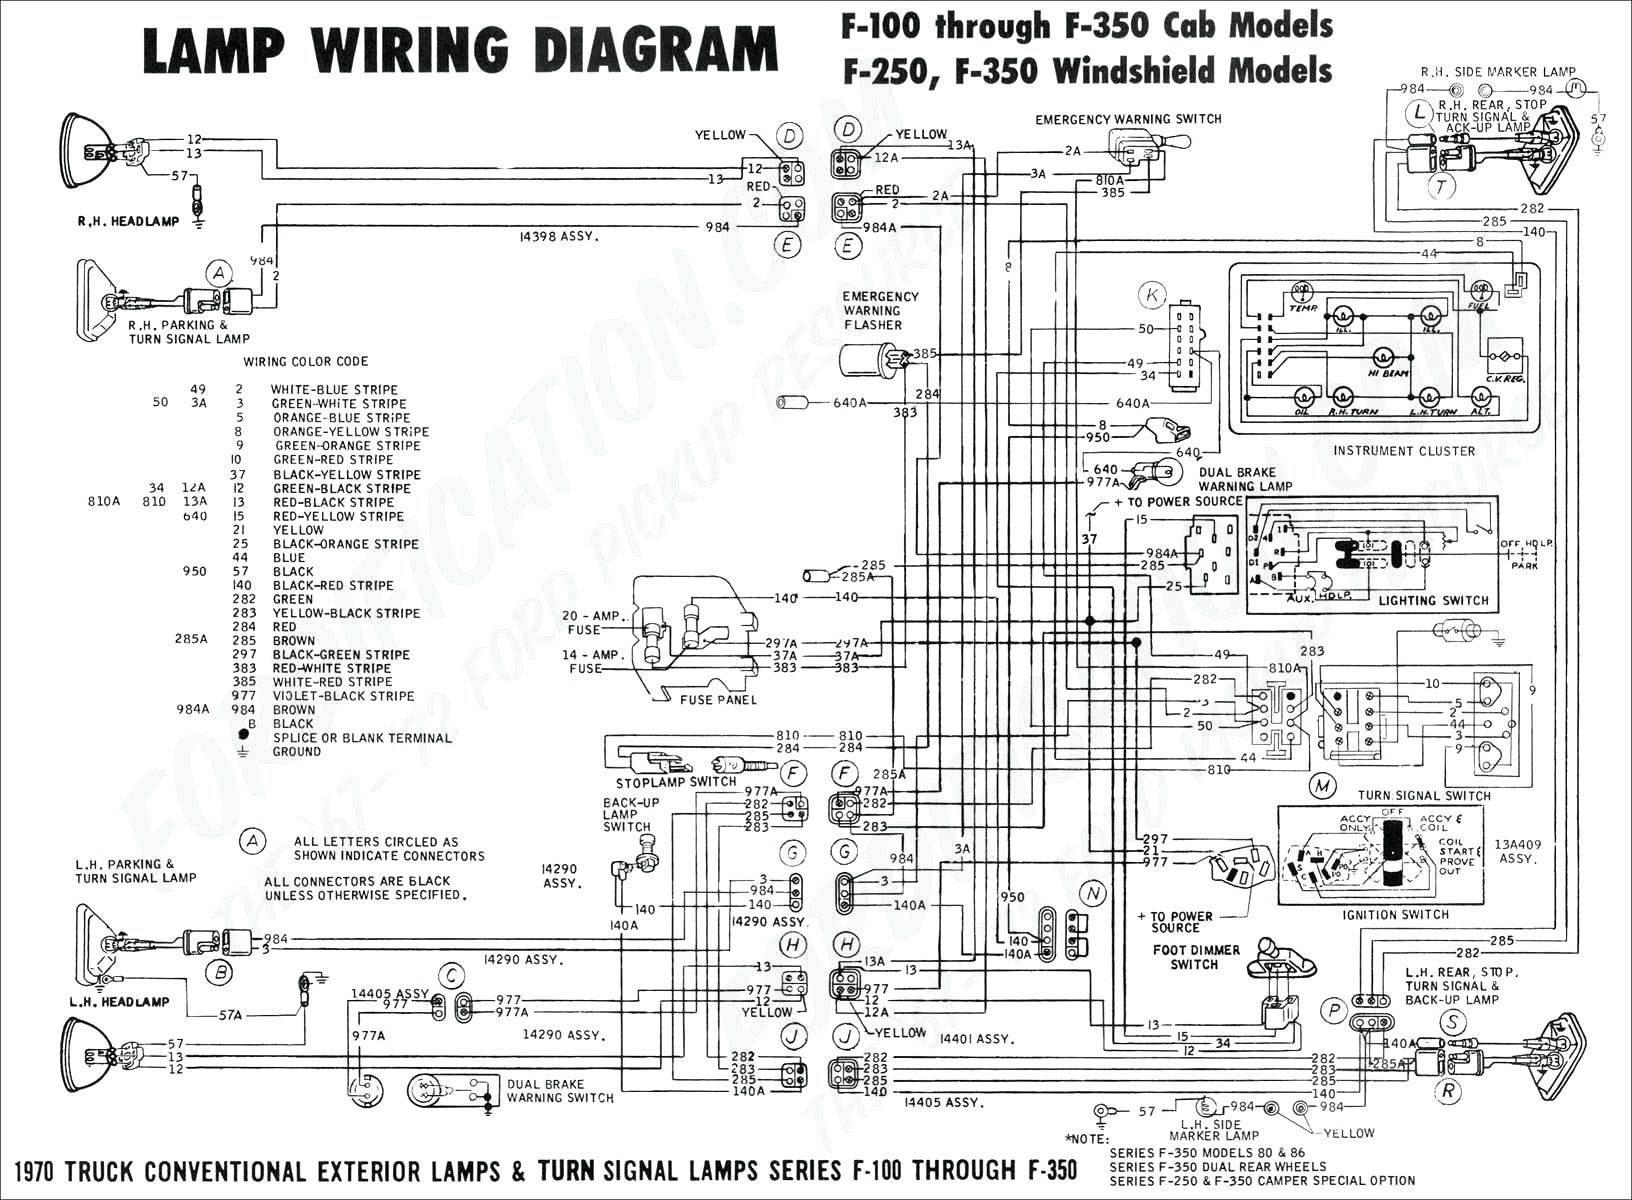 2007 International Truck Wiring Diagrams Wiring Diagram Warehouse Warehouse Pavimentos Tarima Es